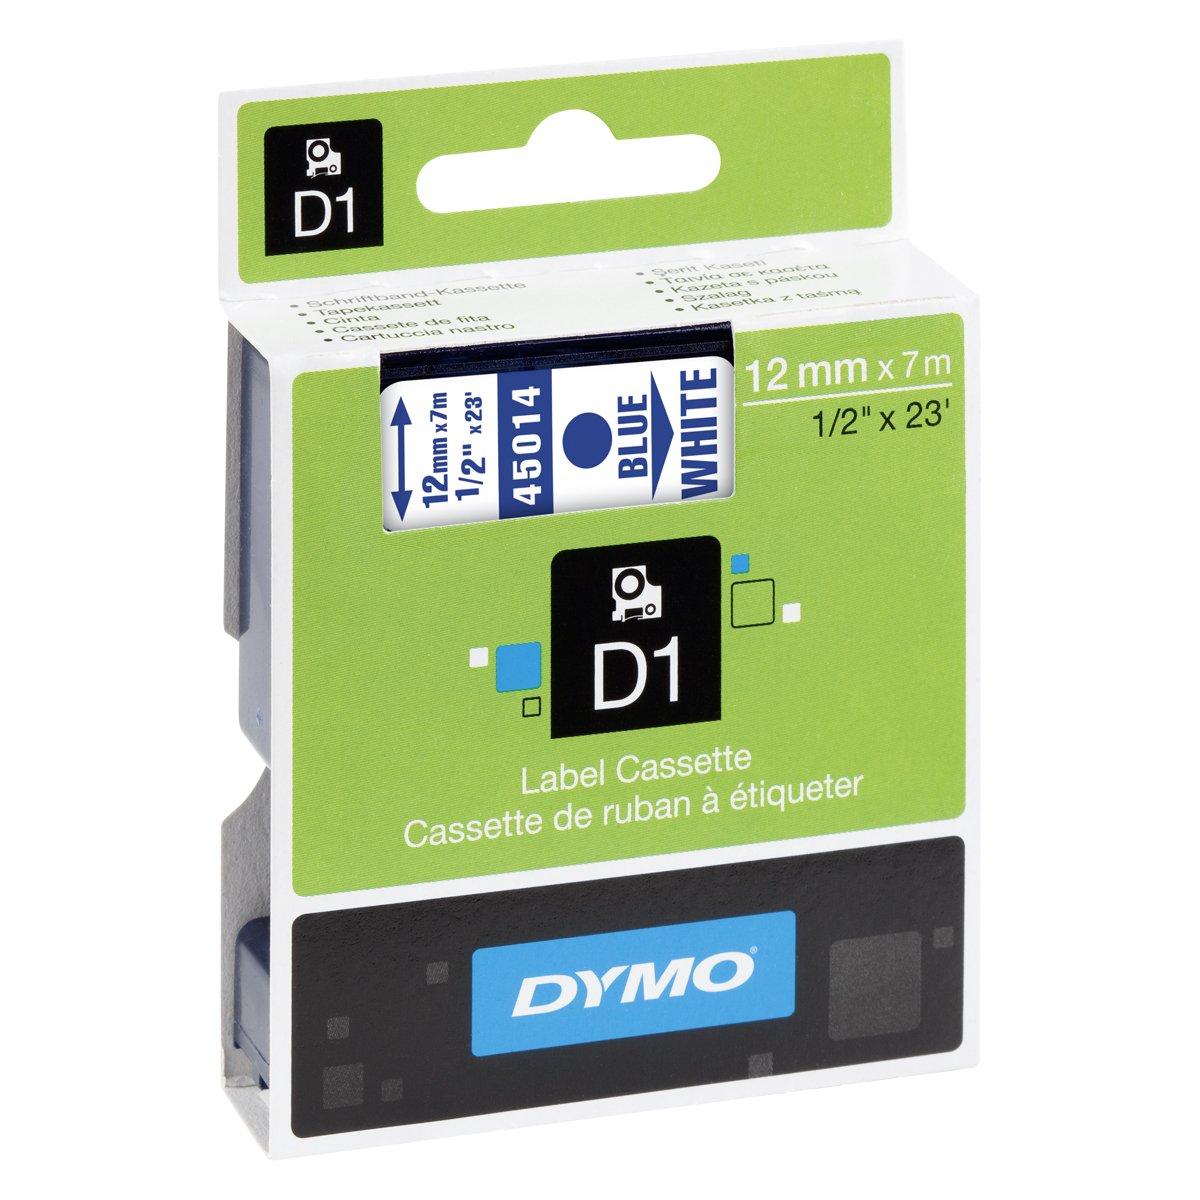 Dymo S0720500 D1-Etiketten (Selbstklebend, für den Drucker LabelManager, 12 mm x 7 m Rolle) schwarz auf transparent Dymo-CoStar Corp 45010